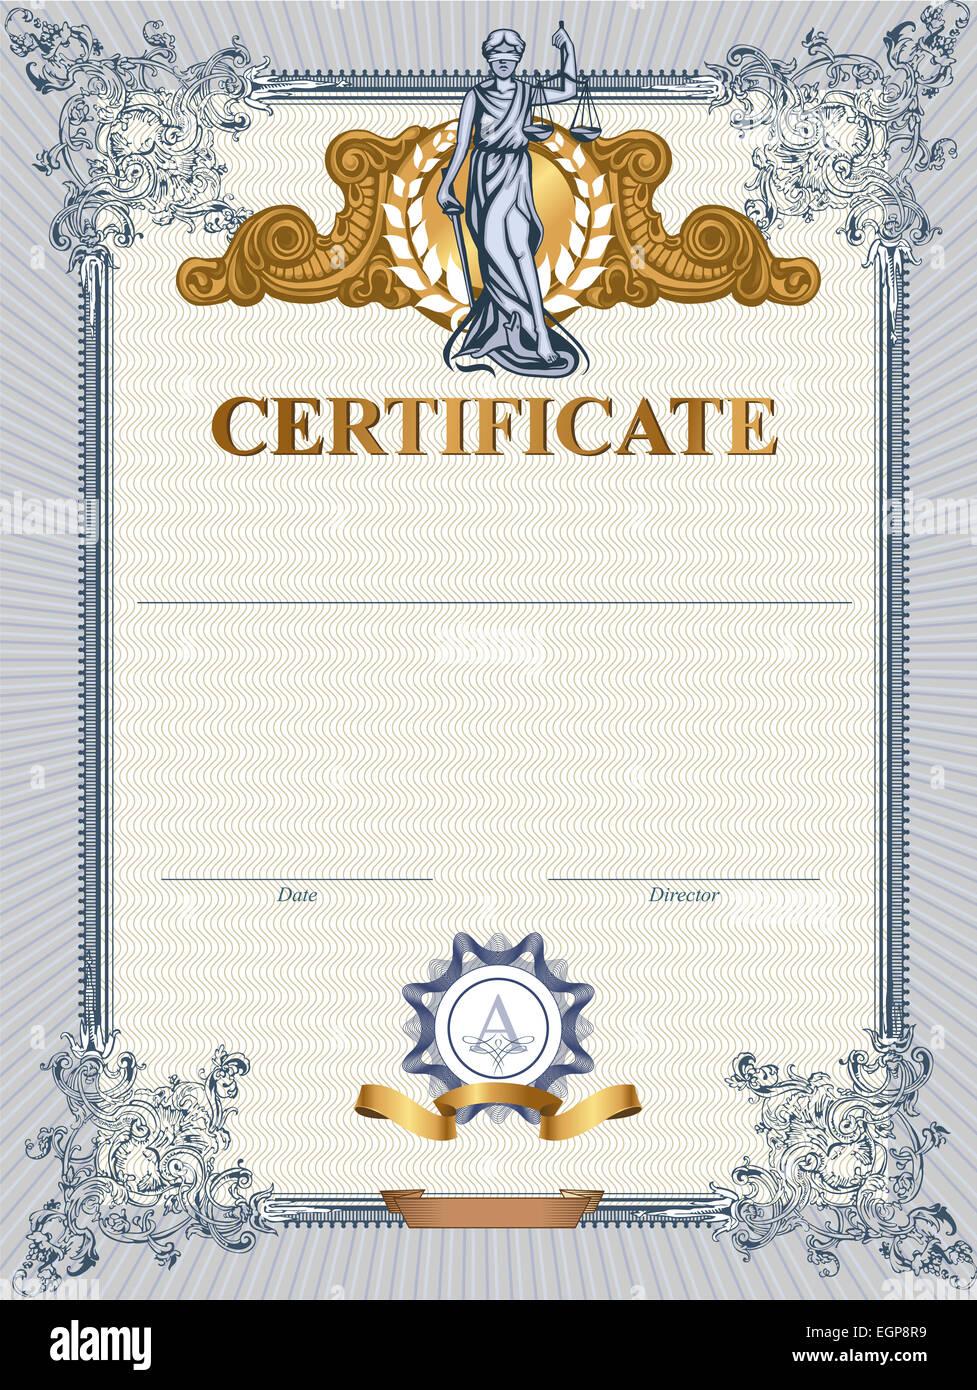 Gold Graduation Diploma Design Stockfotos & Gold Graduation Diploma ...